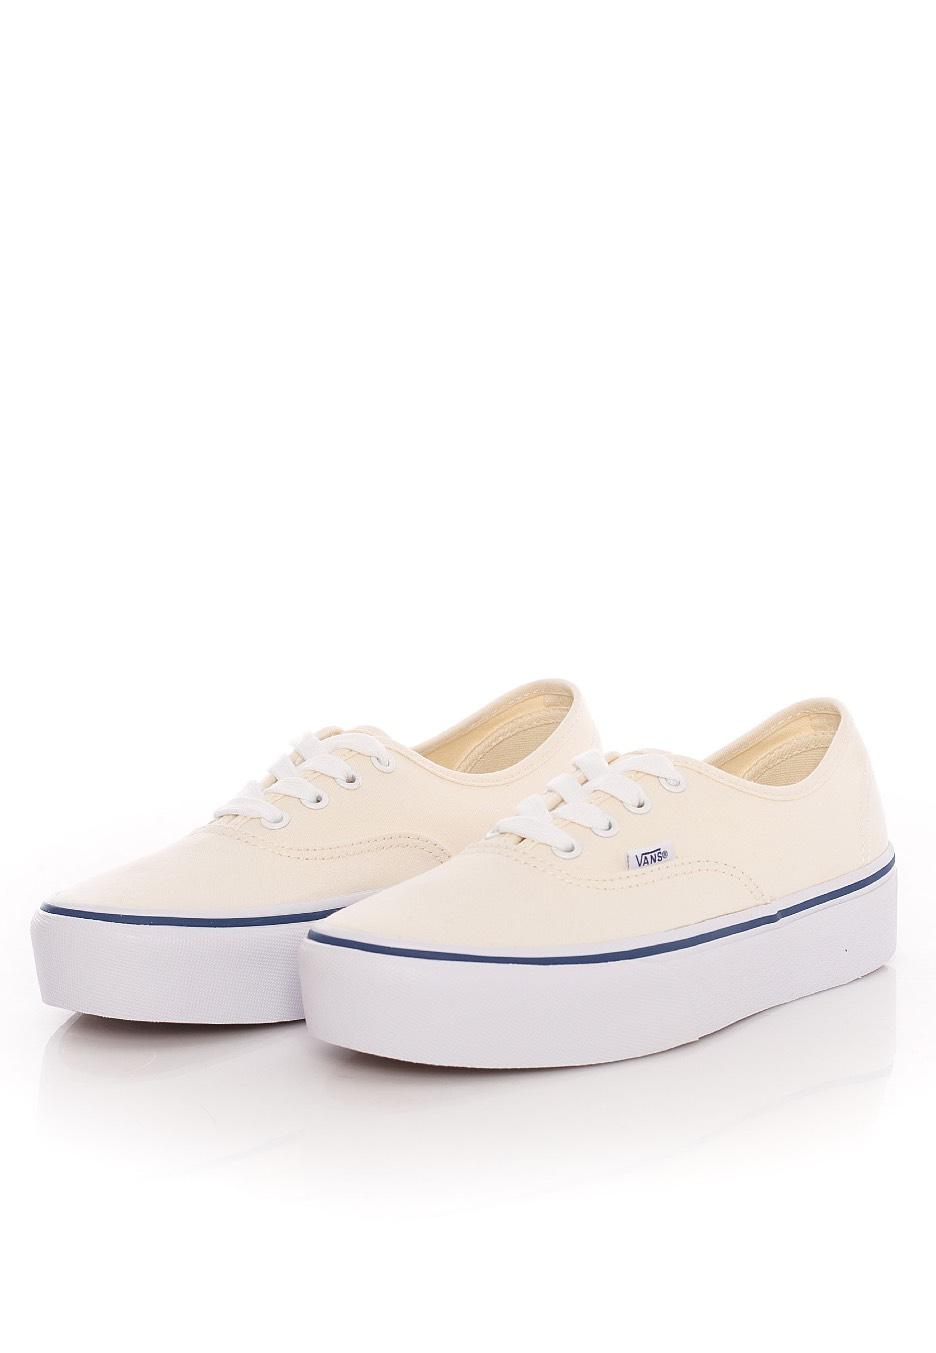 classic vans shoes